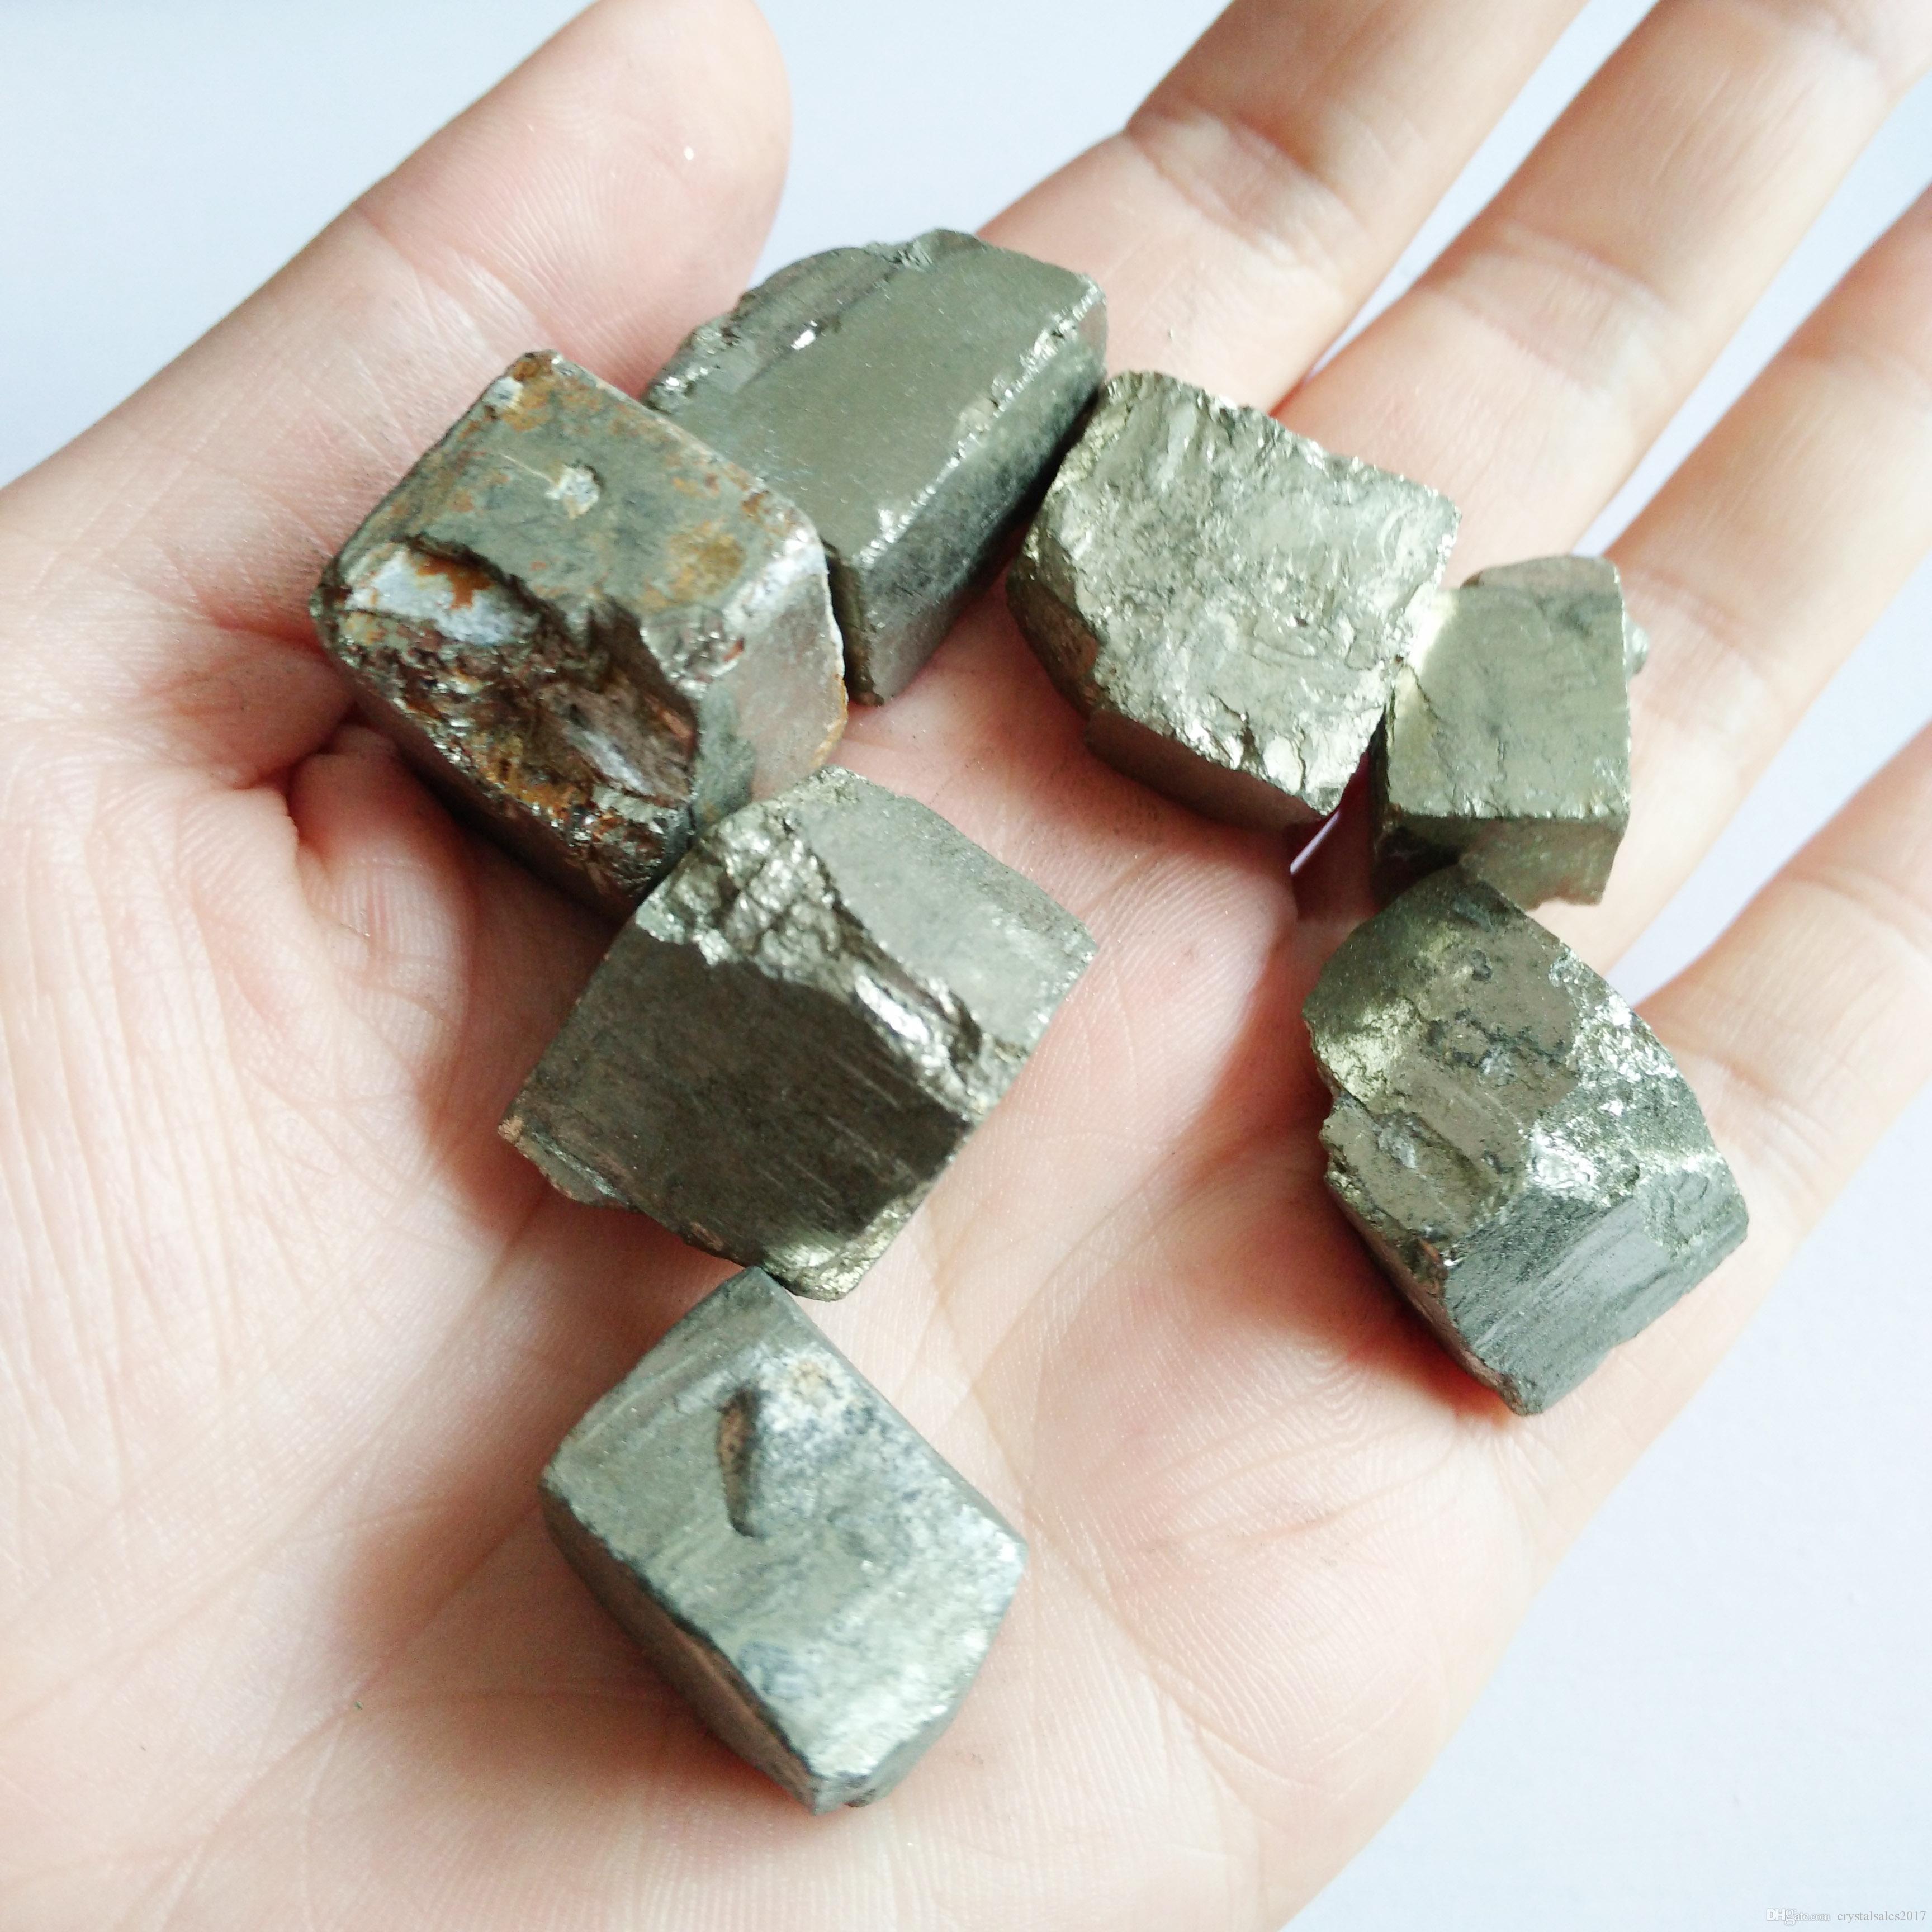 Natürlicher schöner schön Chalkopyrit Würfel Kristallheilung Kristallmineralstein zum Verkauf Trommelstein s Würfelprobe